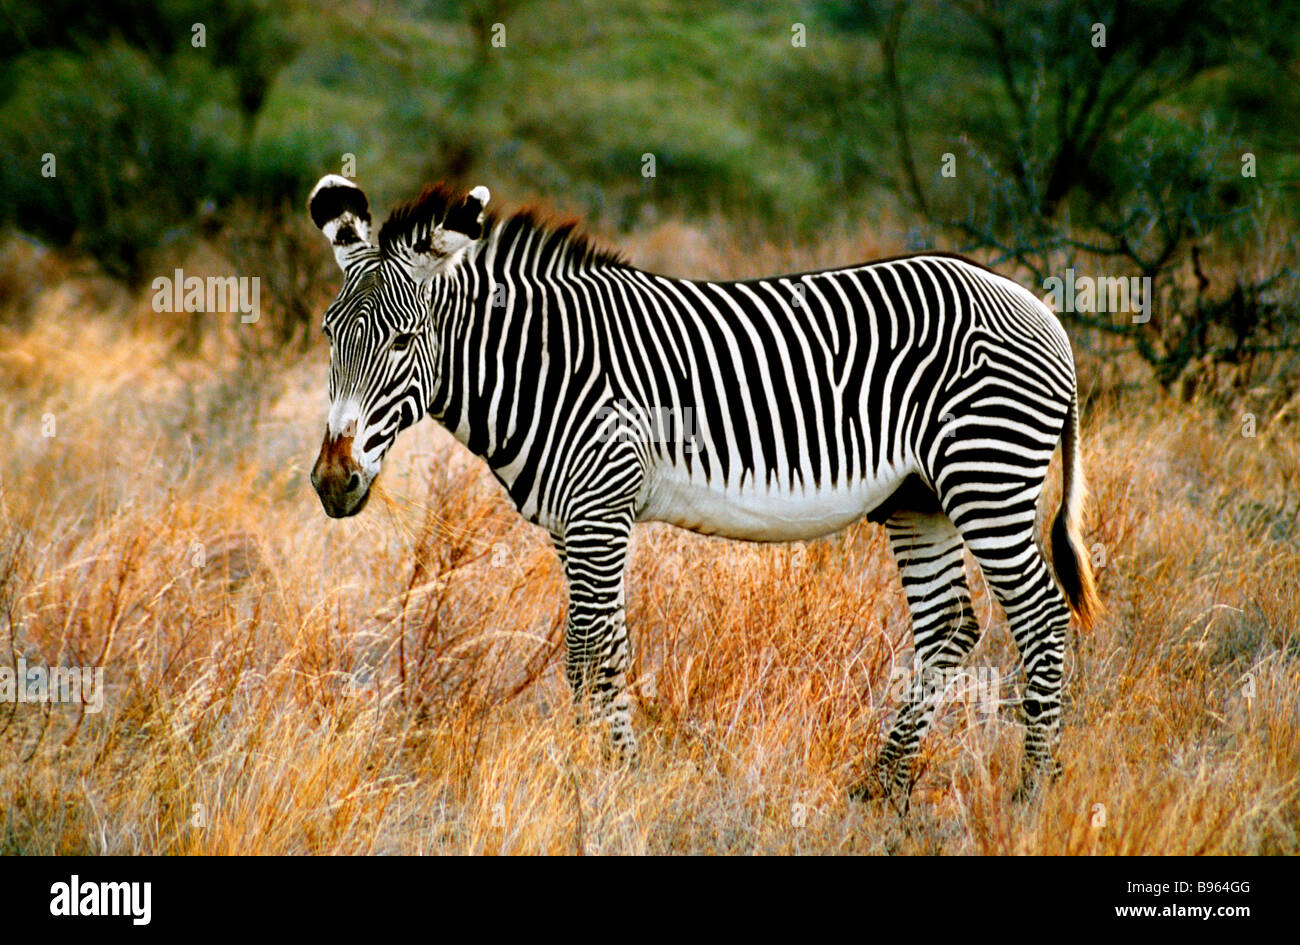 GREVY'S ZEBRA IN KENYA  AFRICA - Stock Image